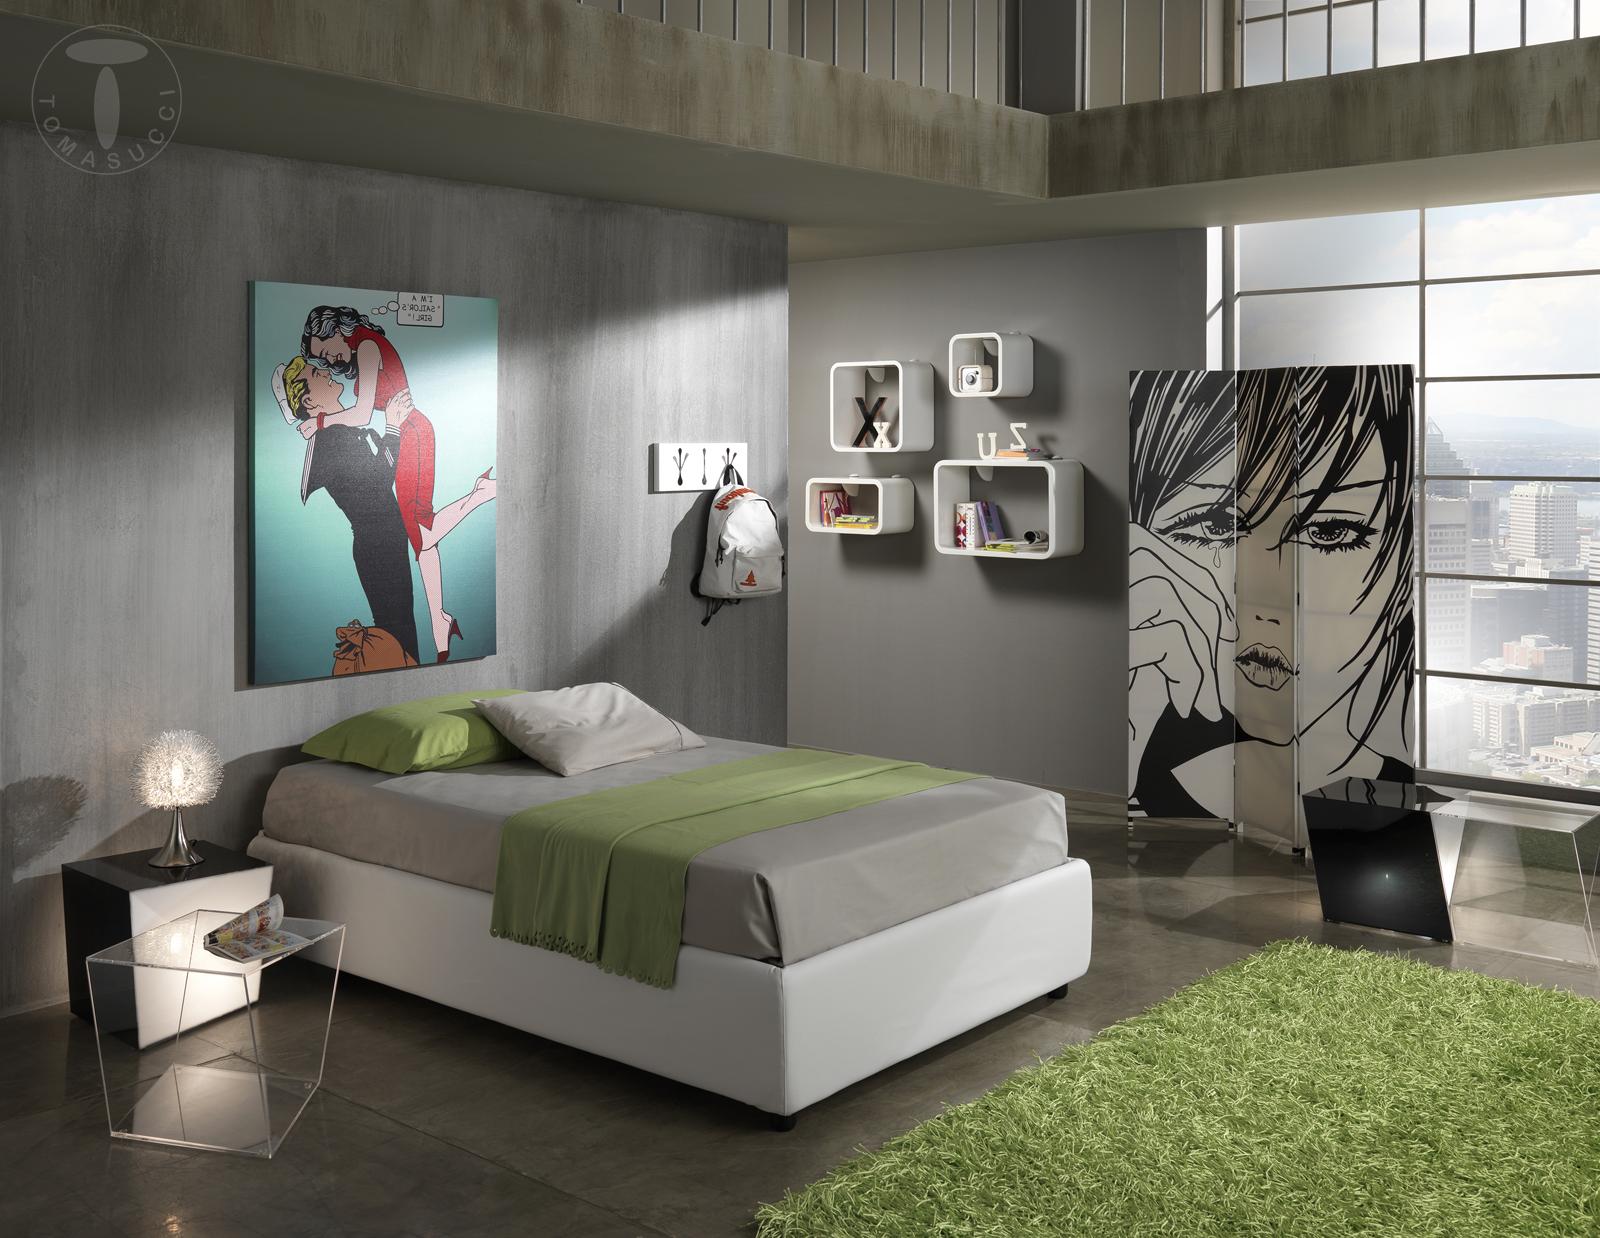 Letti una piazza a mezzo letto contenitore 1 piazza e mezzo sommier 120 - Dimensioni letto 1 piazza e mezzo ...